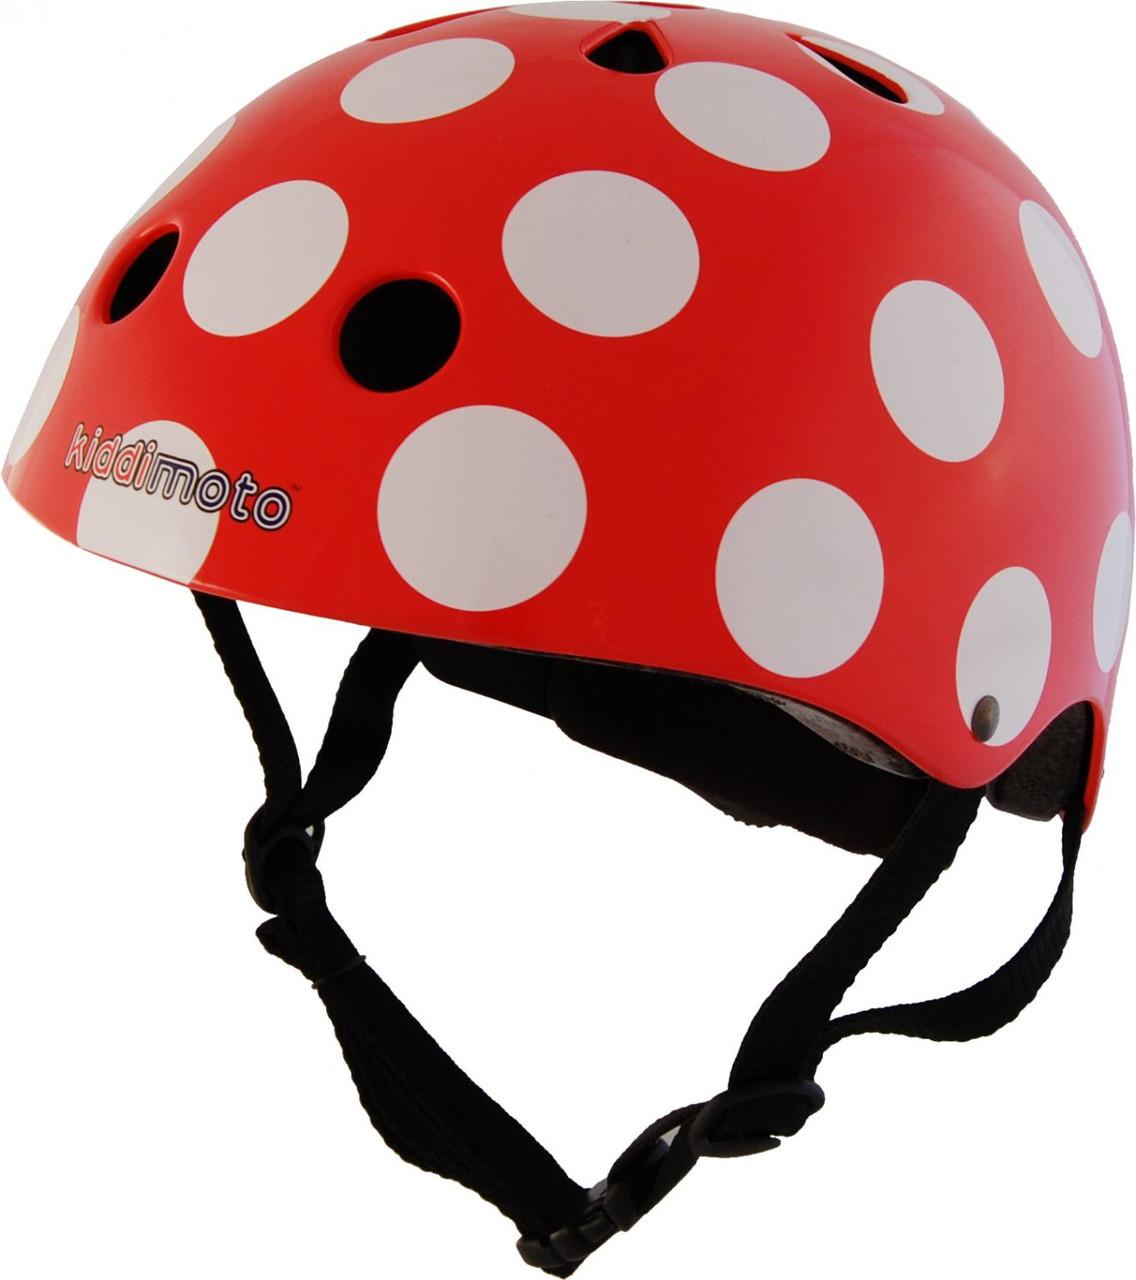 Шлем детский Kiddi Moto красный в белый горошек, размер M 53-58см